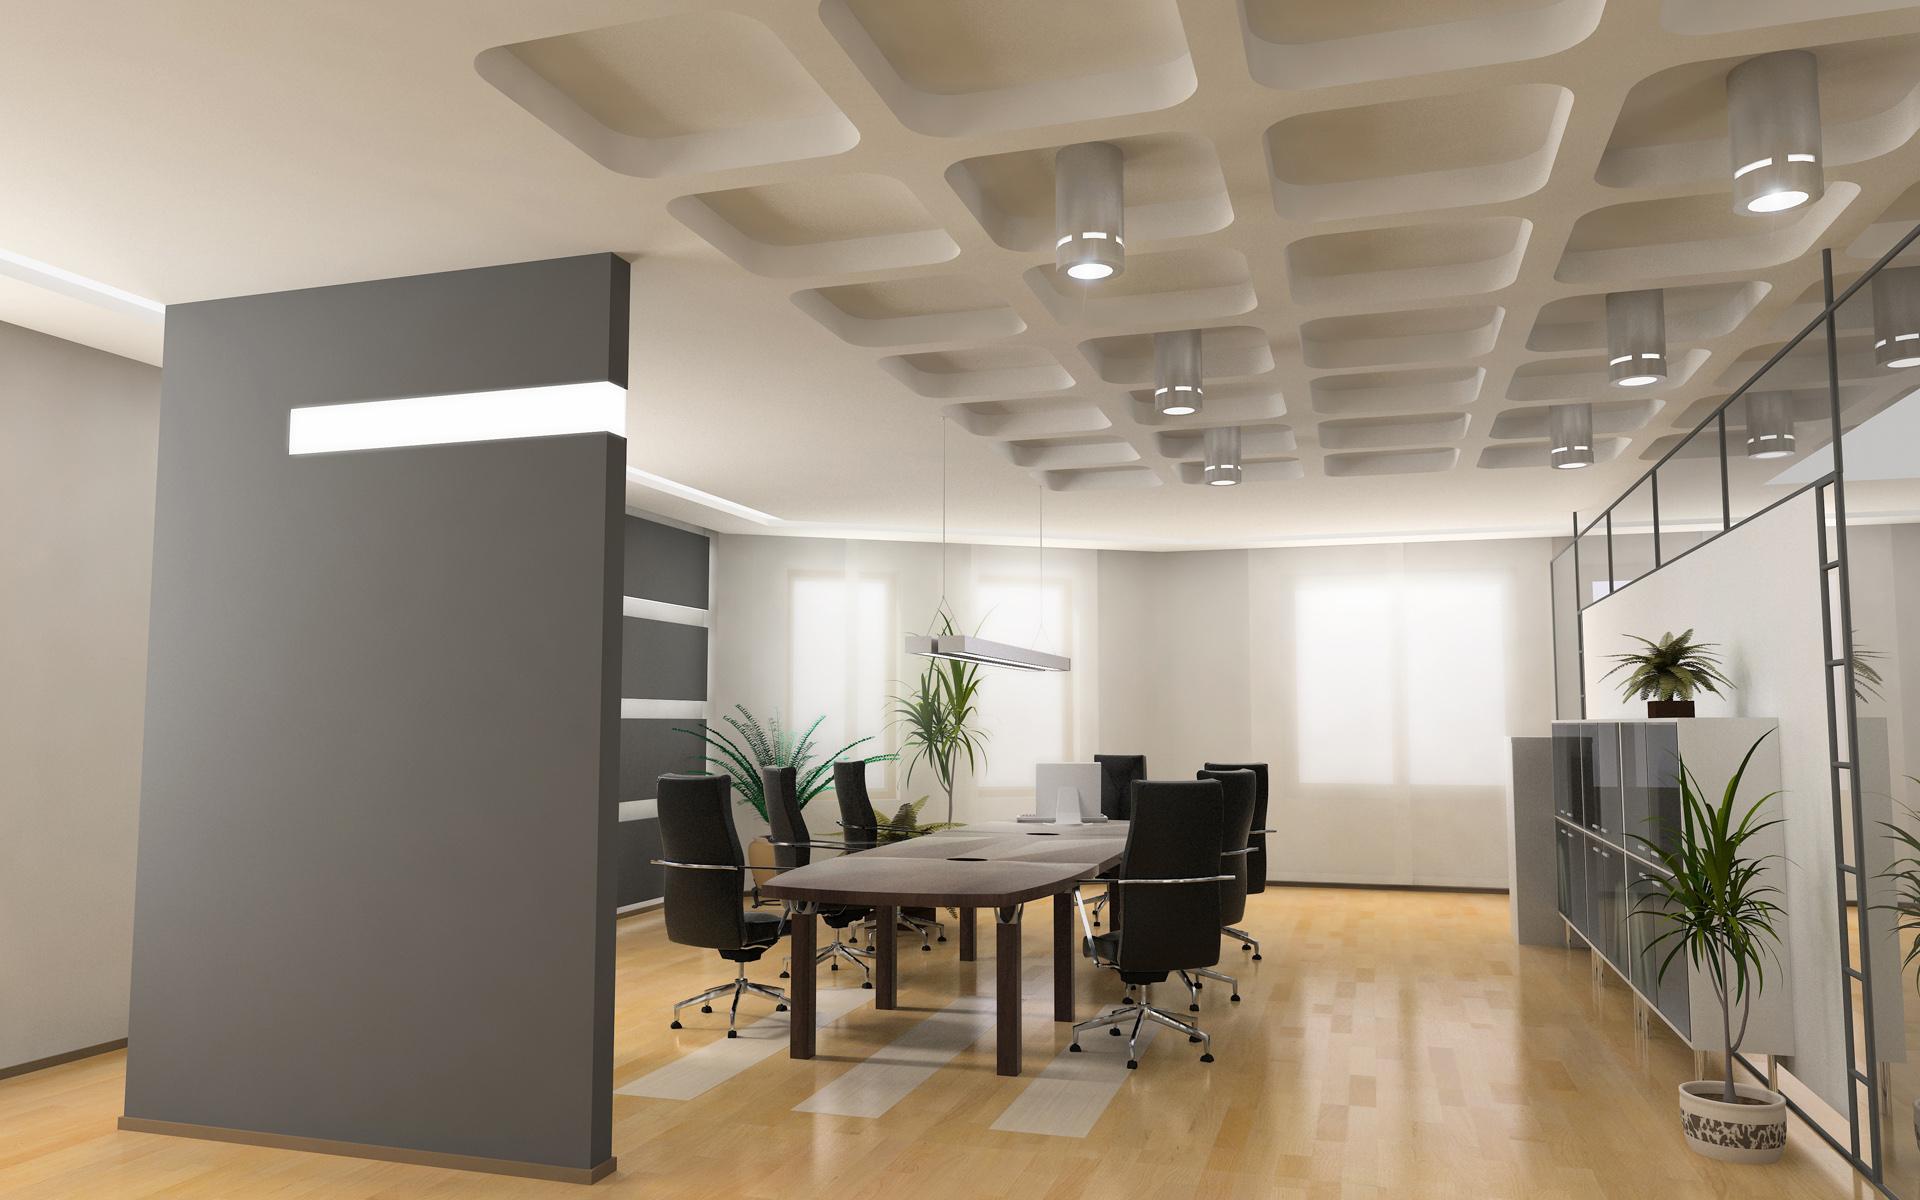 Diseño de sala de reuniones - 1920x1200